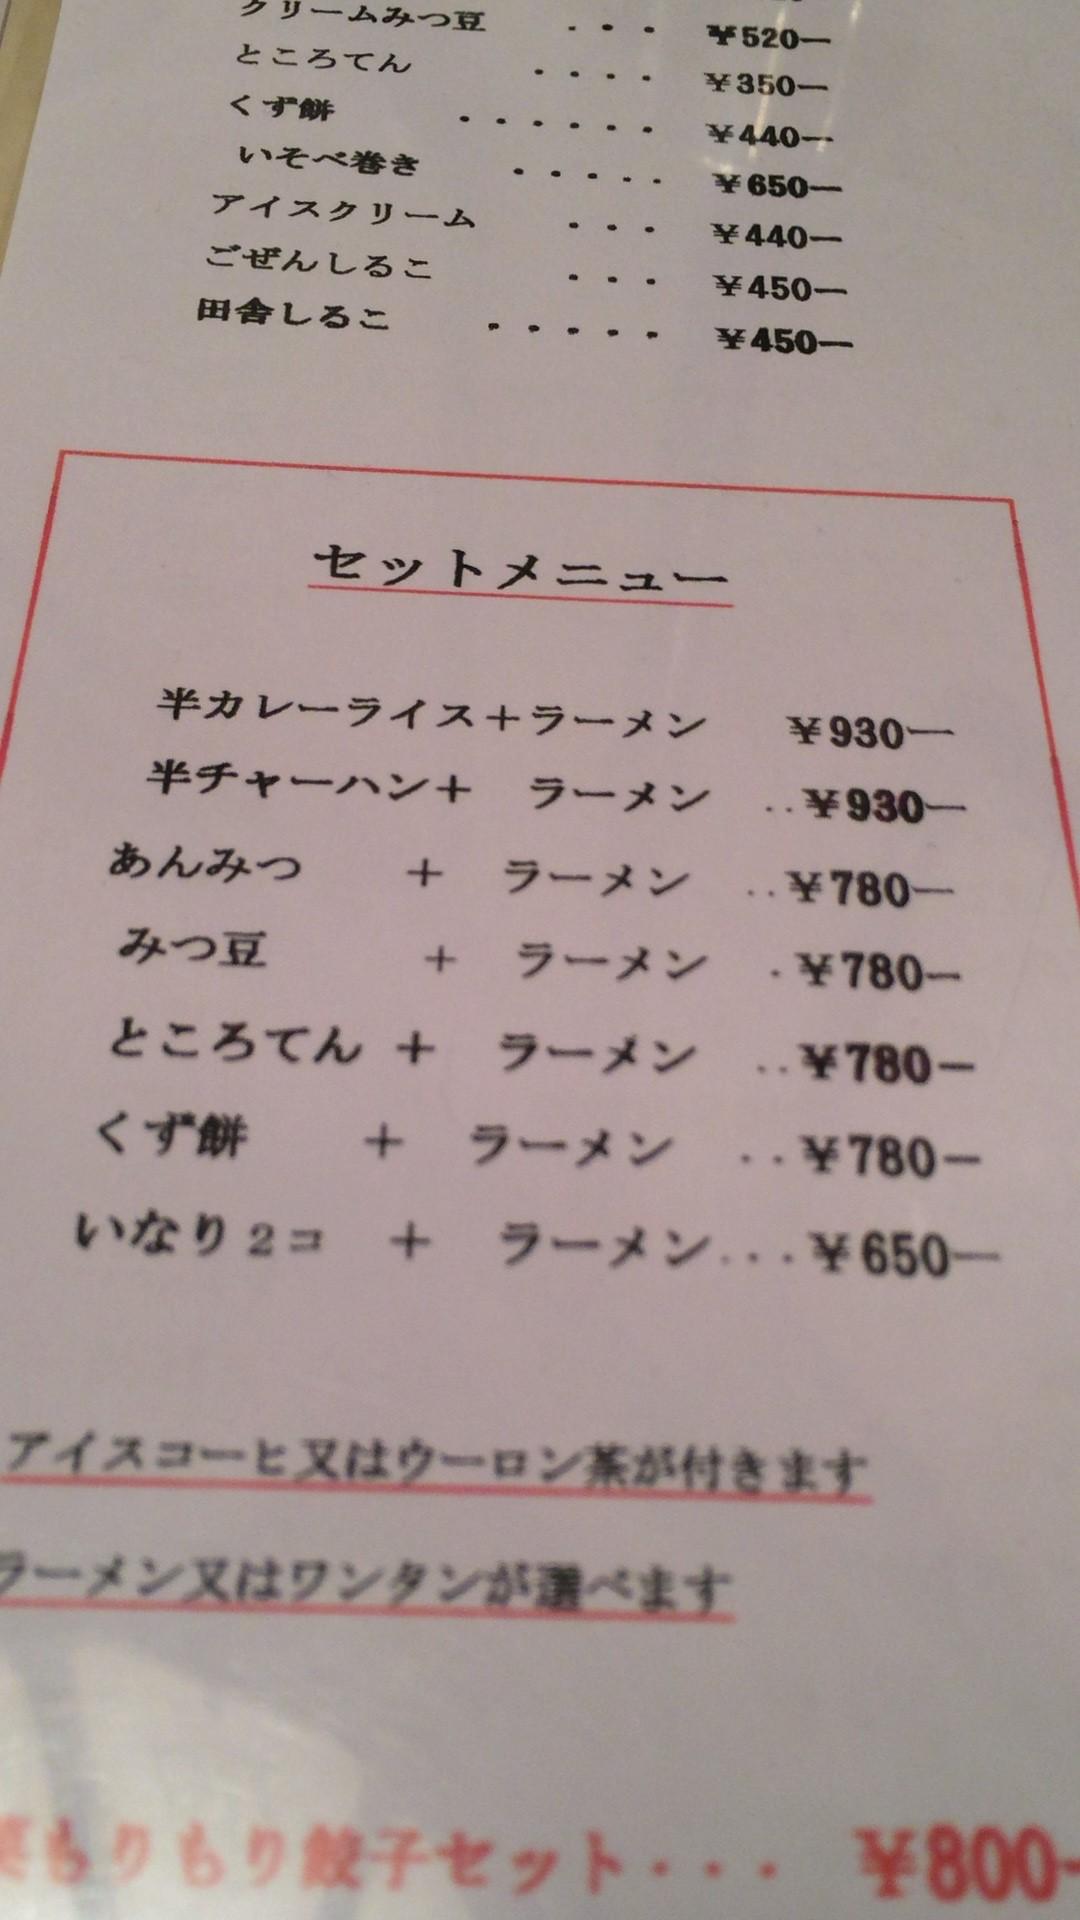 中華喫茶店にて@川ばた中華喫茶店 町屋_a0177651_20562228.jpg